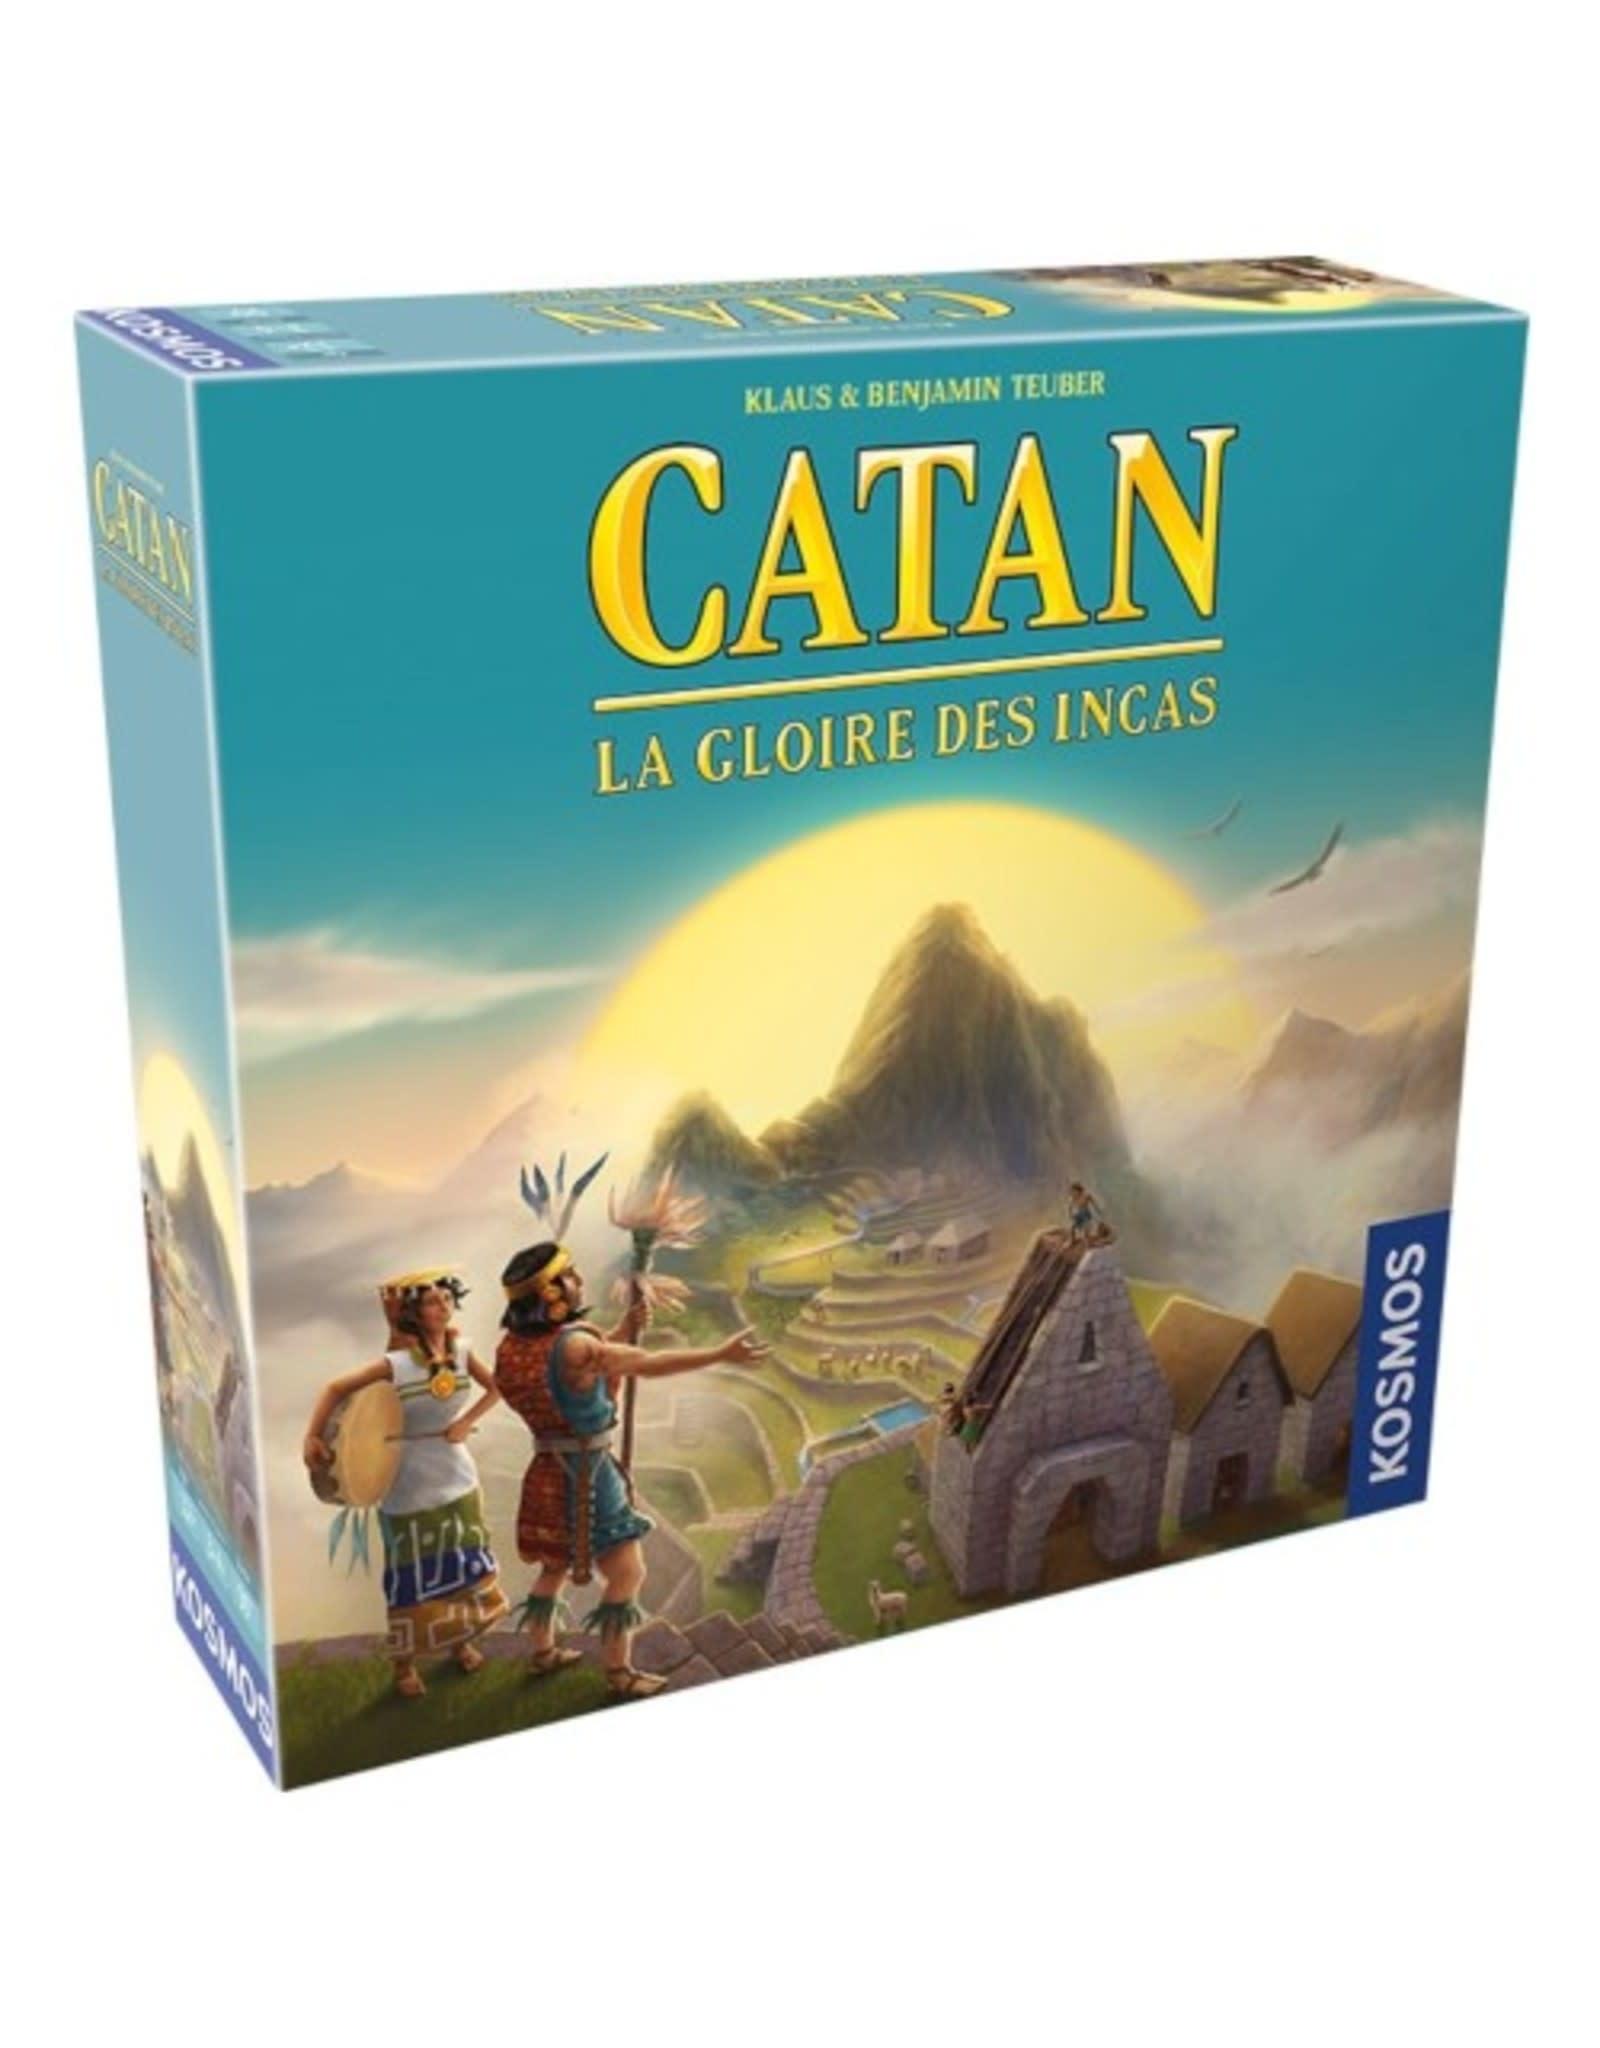 Catan: La Gloire des Incas